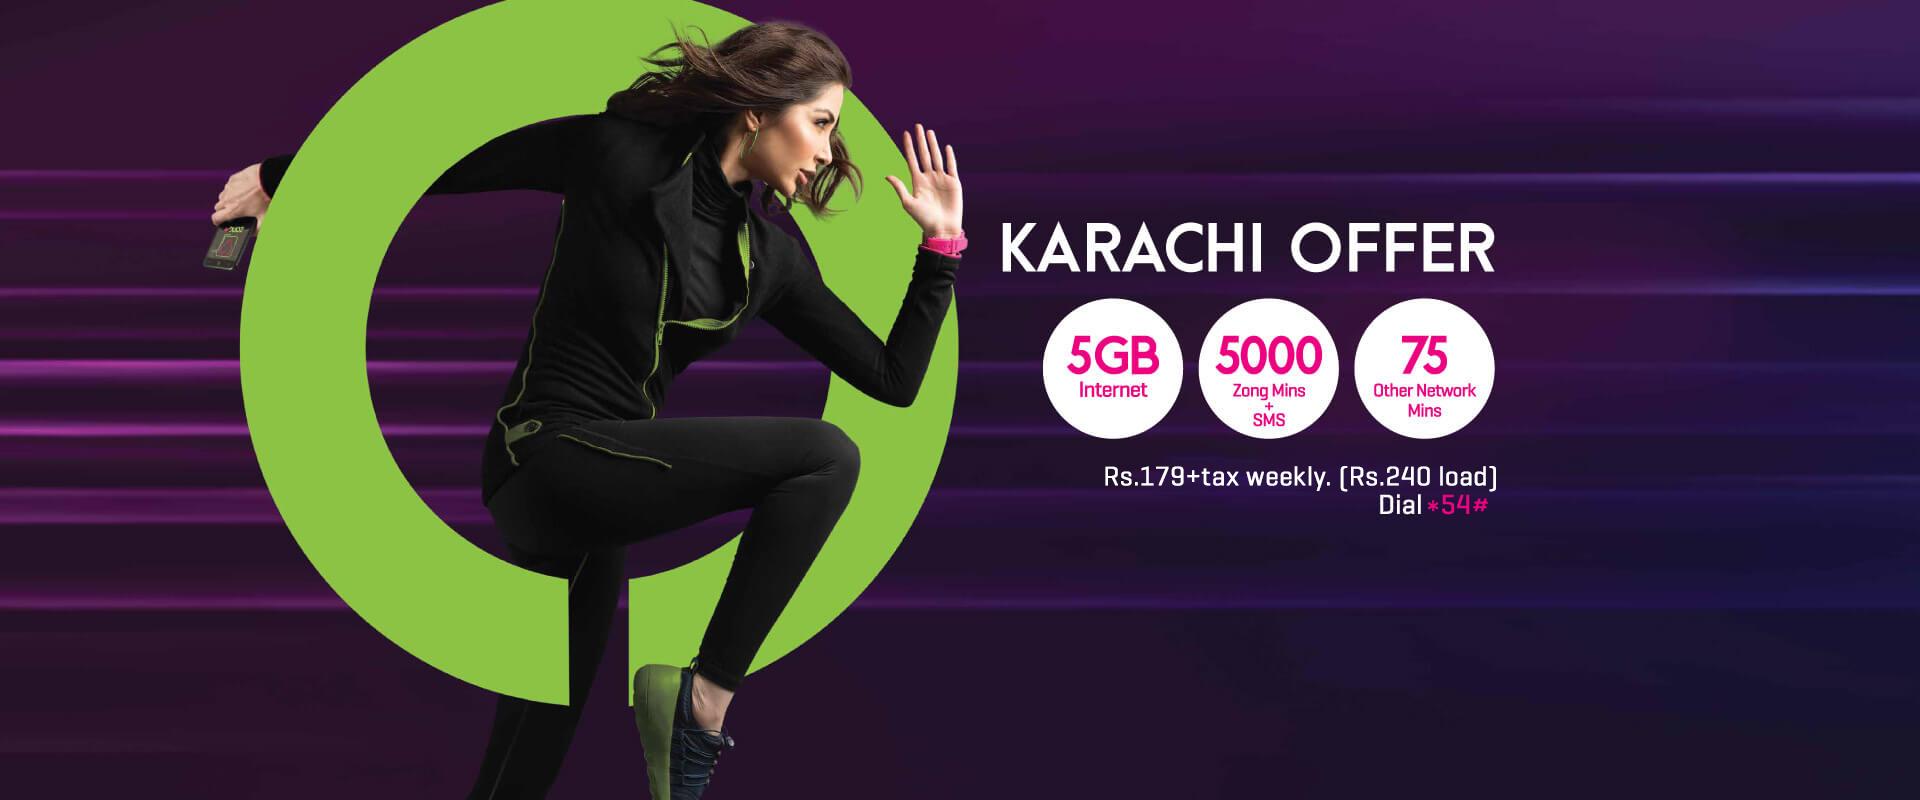 haftawar karachi offer zong